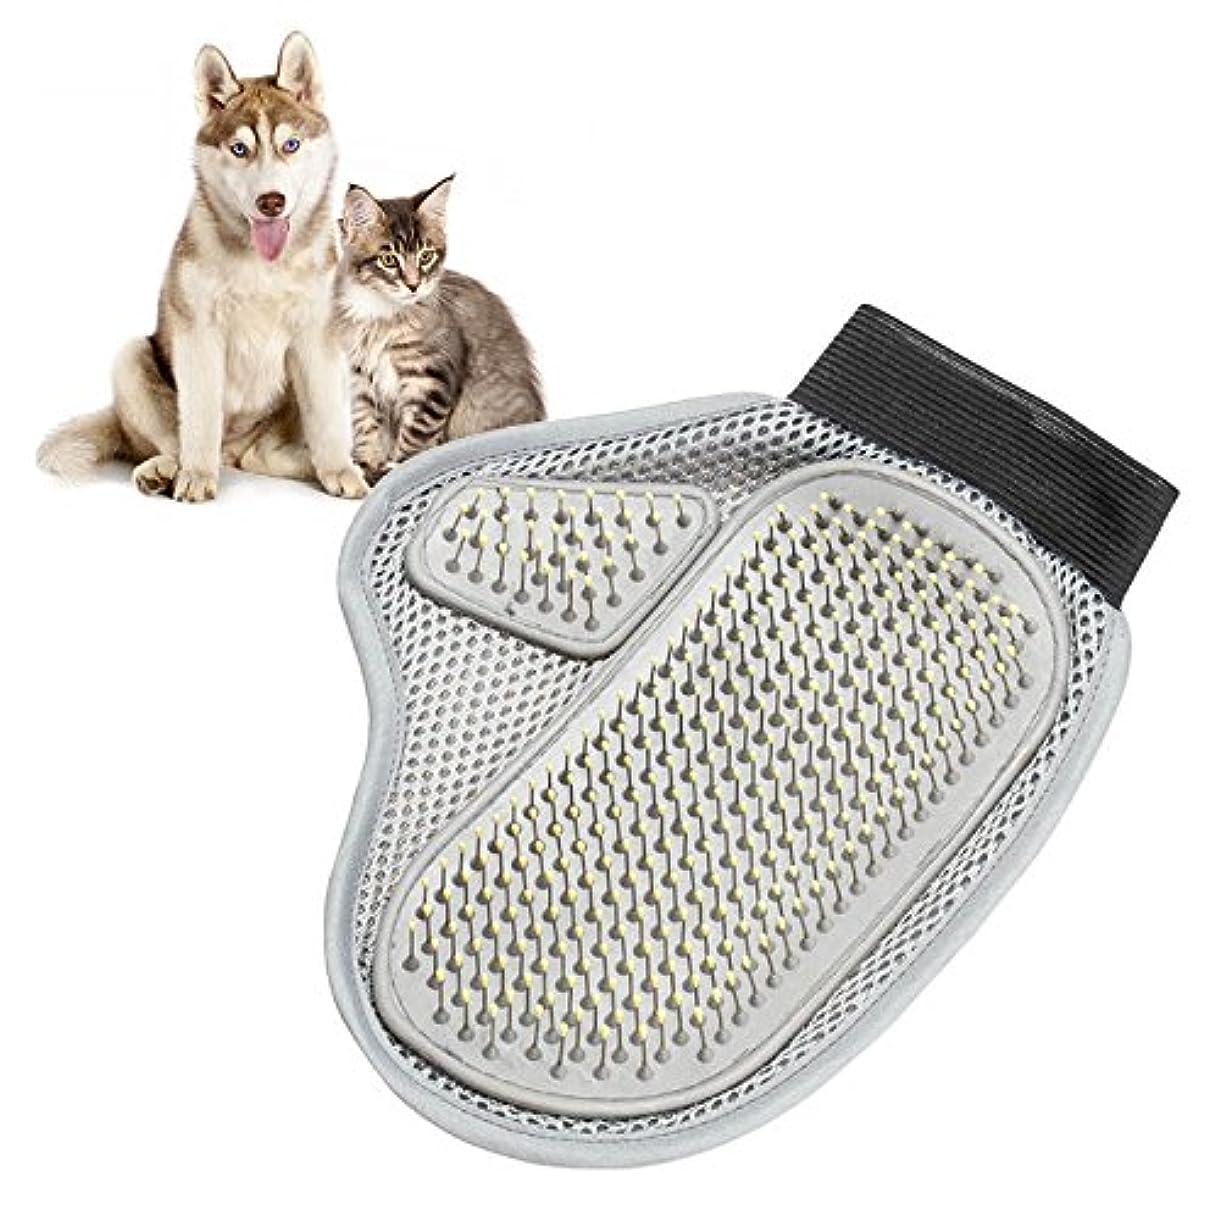 誤解谷かび臭いBTXXYJP ペット ブラシ 手袋 猫 ブラシ グローブ クリーナー 耐摩耗 抜け毛取り マッサージブラシ 犬 グローブ (Color : Gray, Size : M)